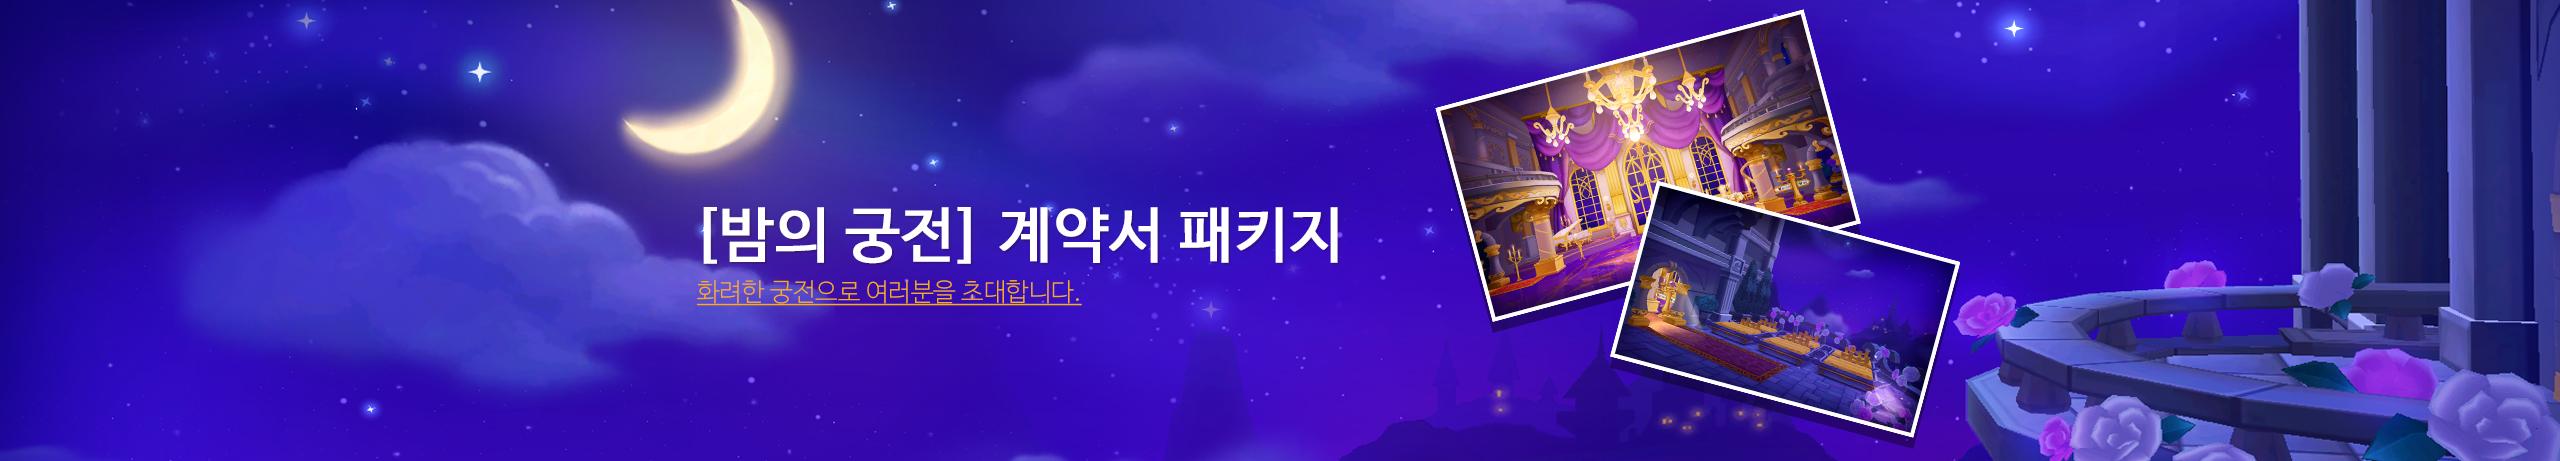 10/31(목) [밤의 궁전] 계약서 패키지